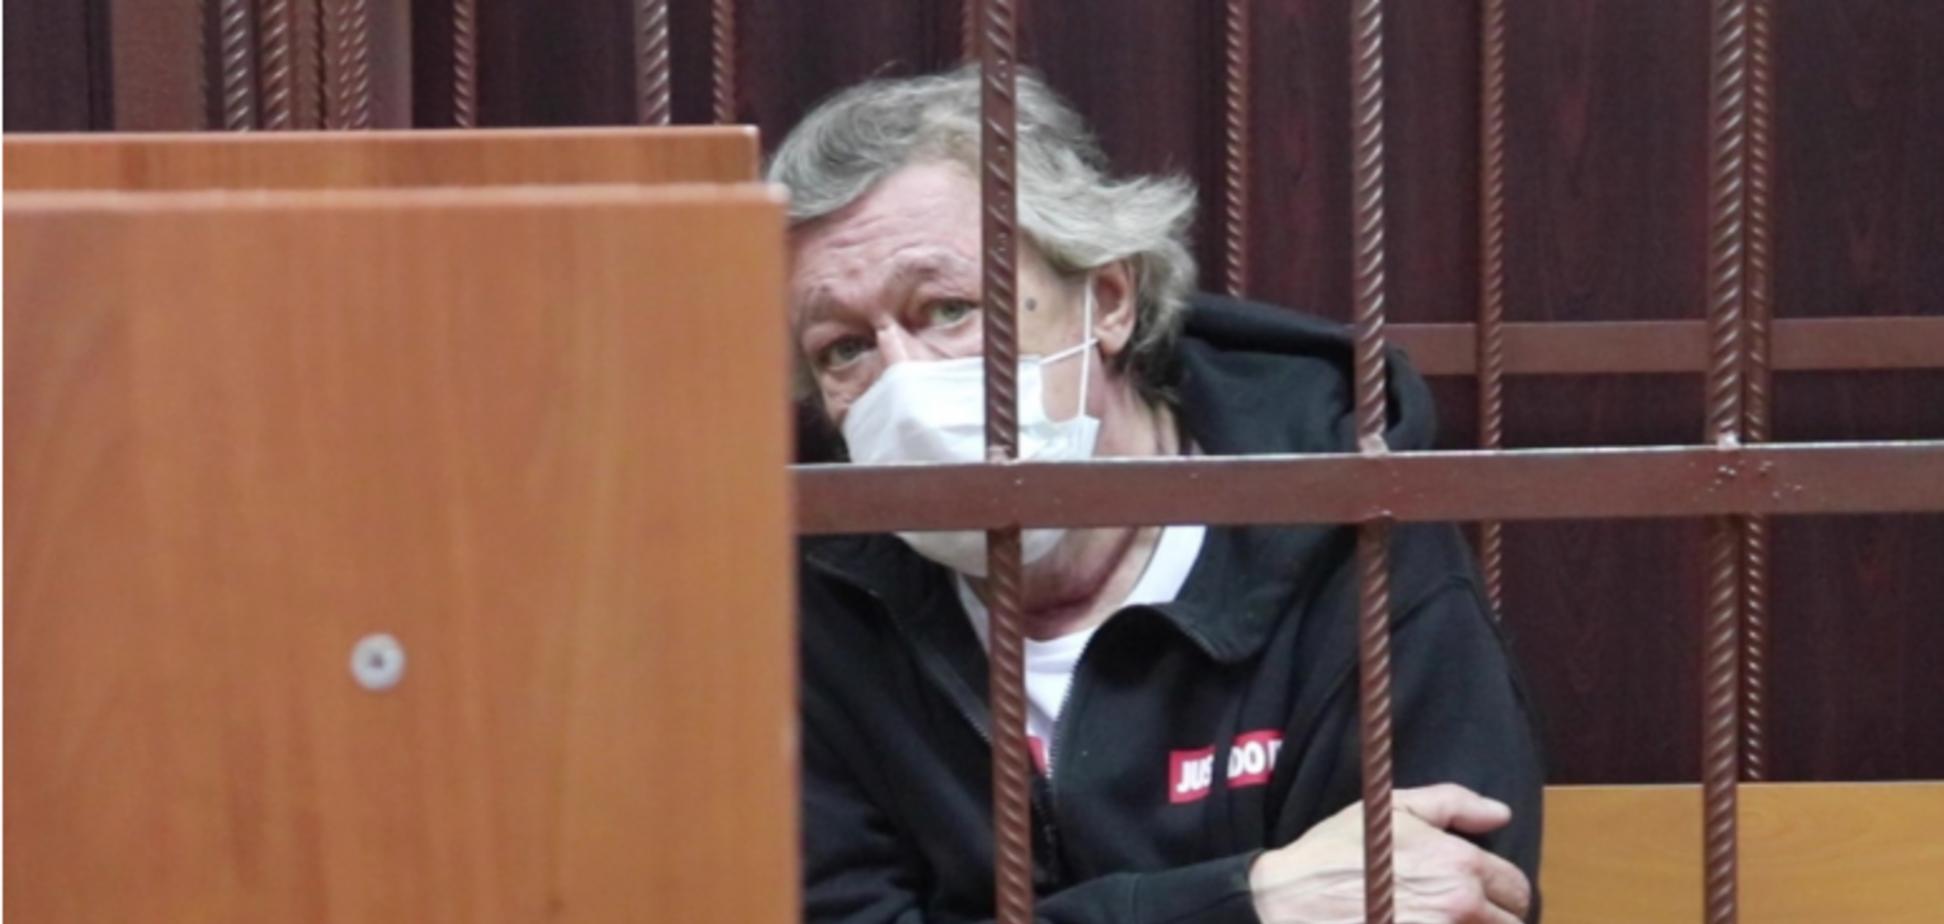 Єфремову пред'явили звинувачення у справі про ДТП: скільки років загрожує акторові